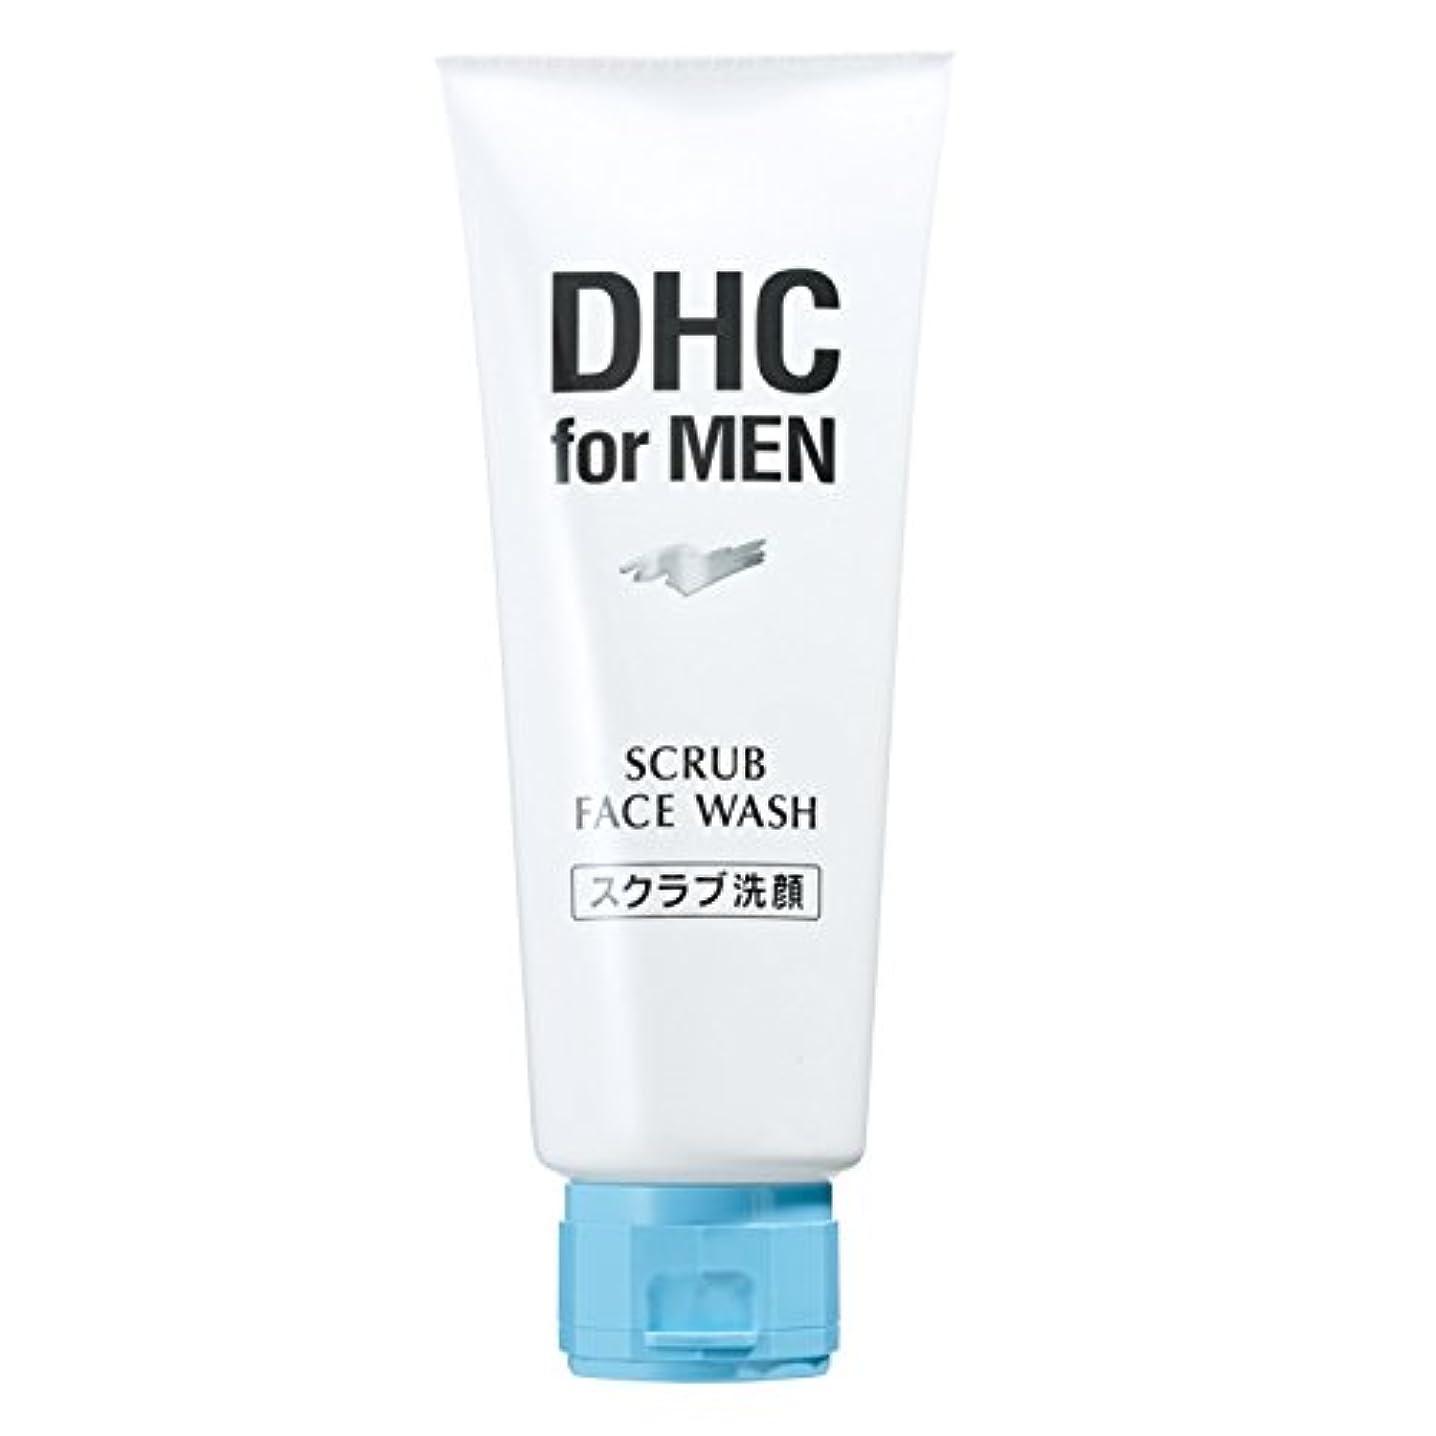 人物犯す田舎DHC スクラブ フェース ウォッシュ 【DHC for MEN】